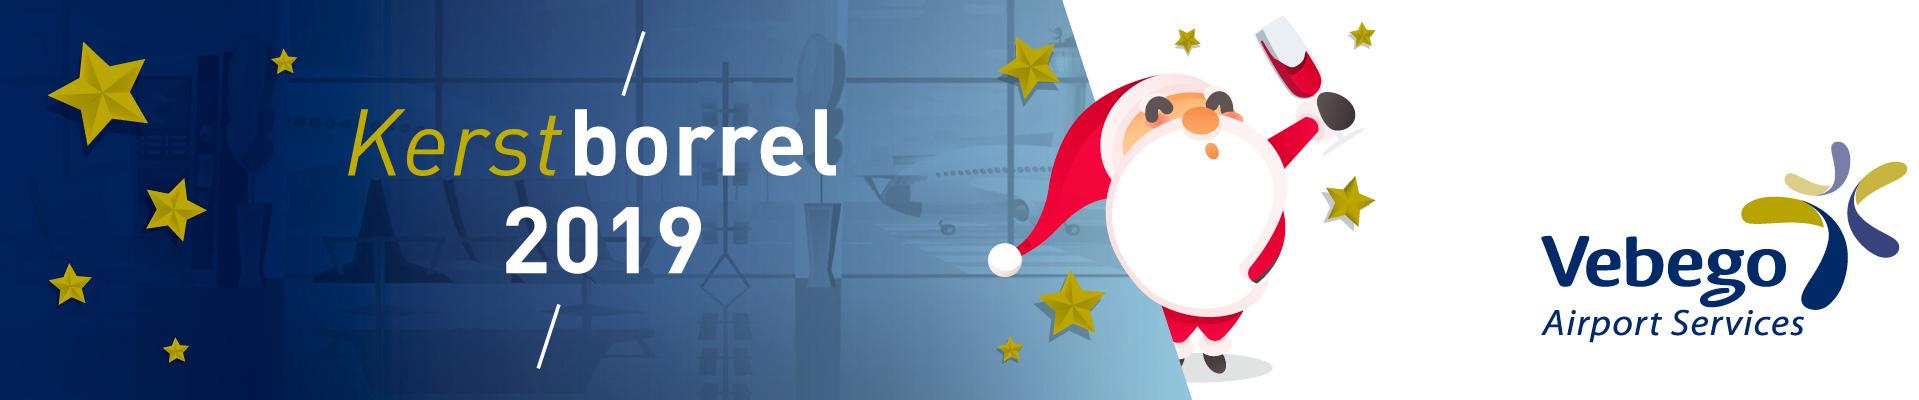 Kerstborrel 2019